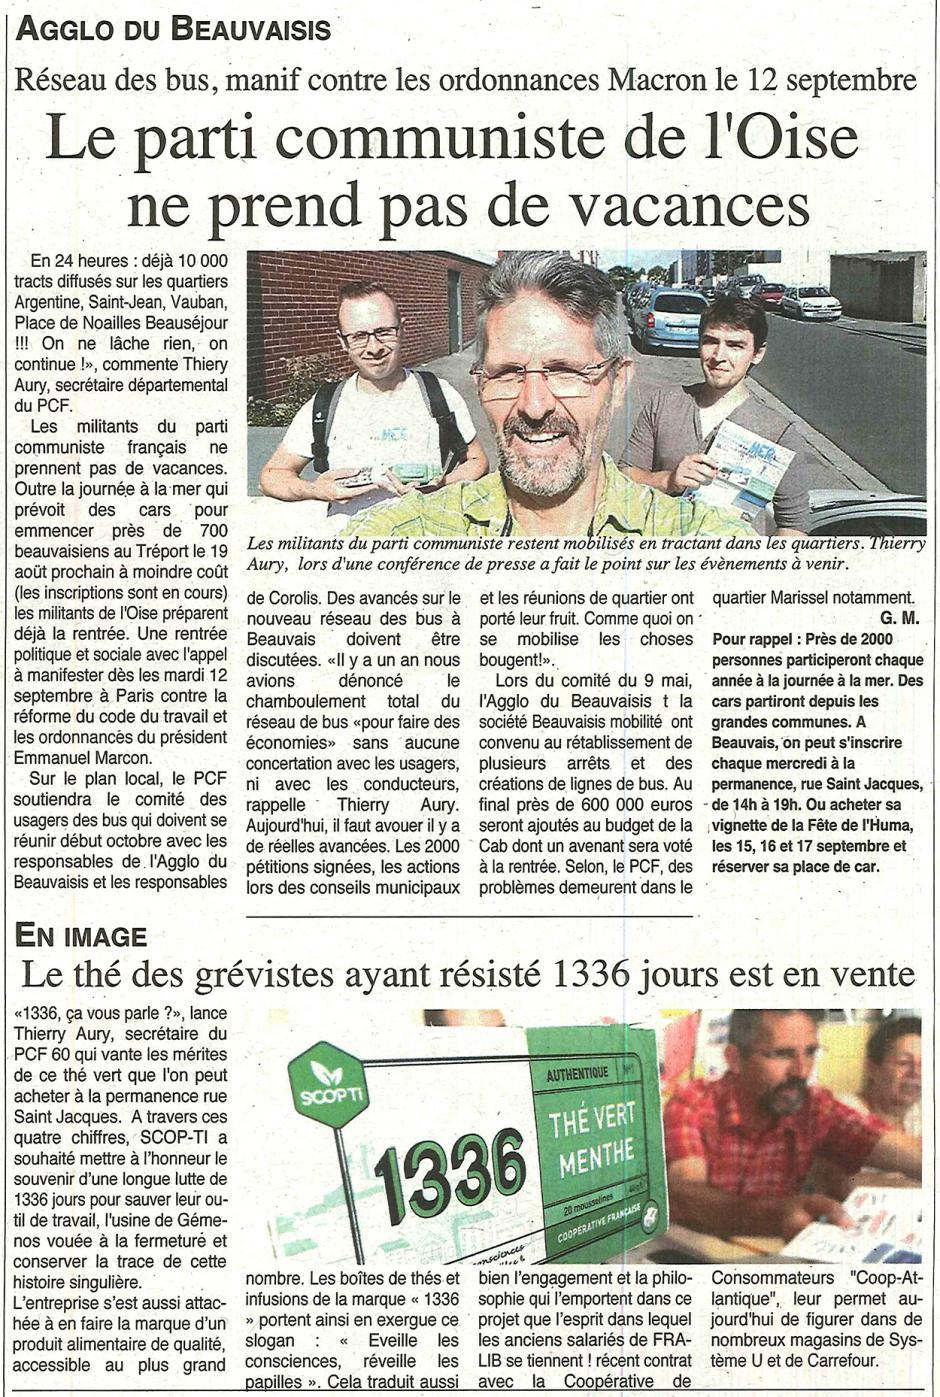 20170719-OH-Beauvais-Le Parti communiste de l'Oise ne prend pas de vacances